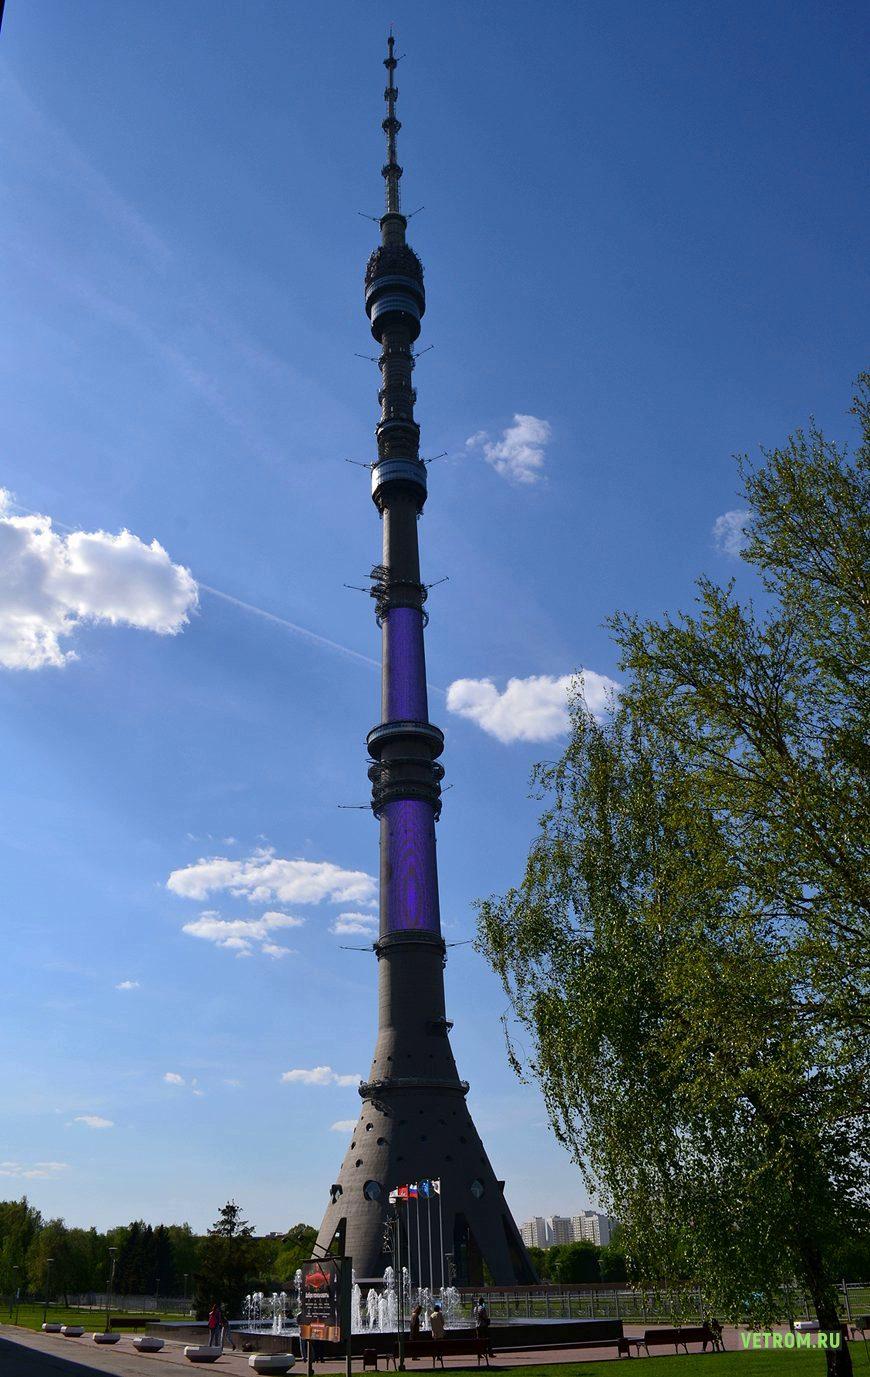 Останкинская теле башня